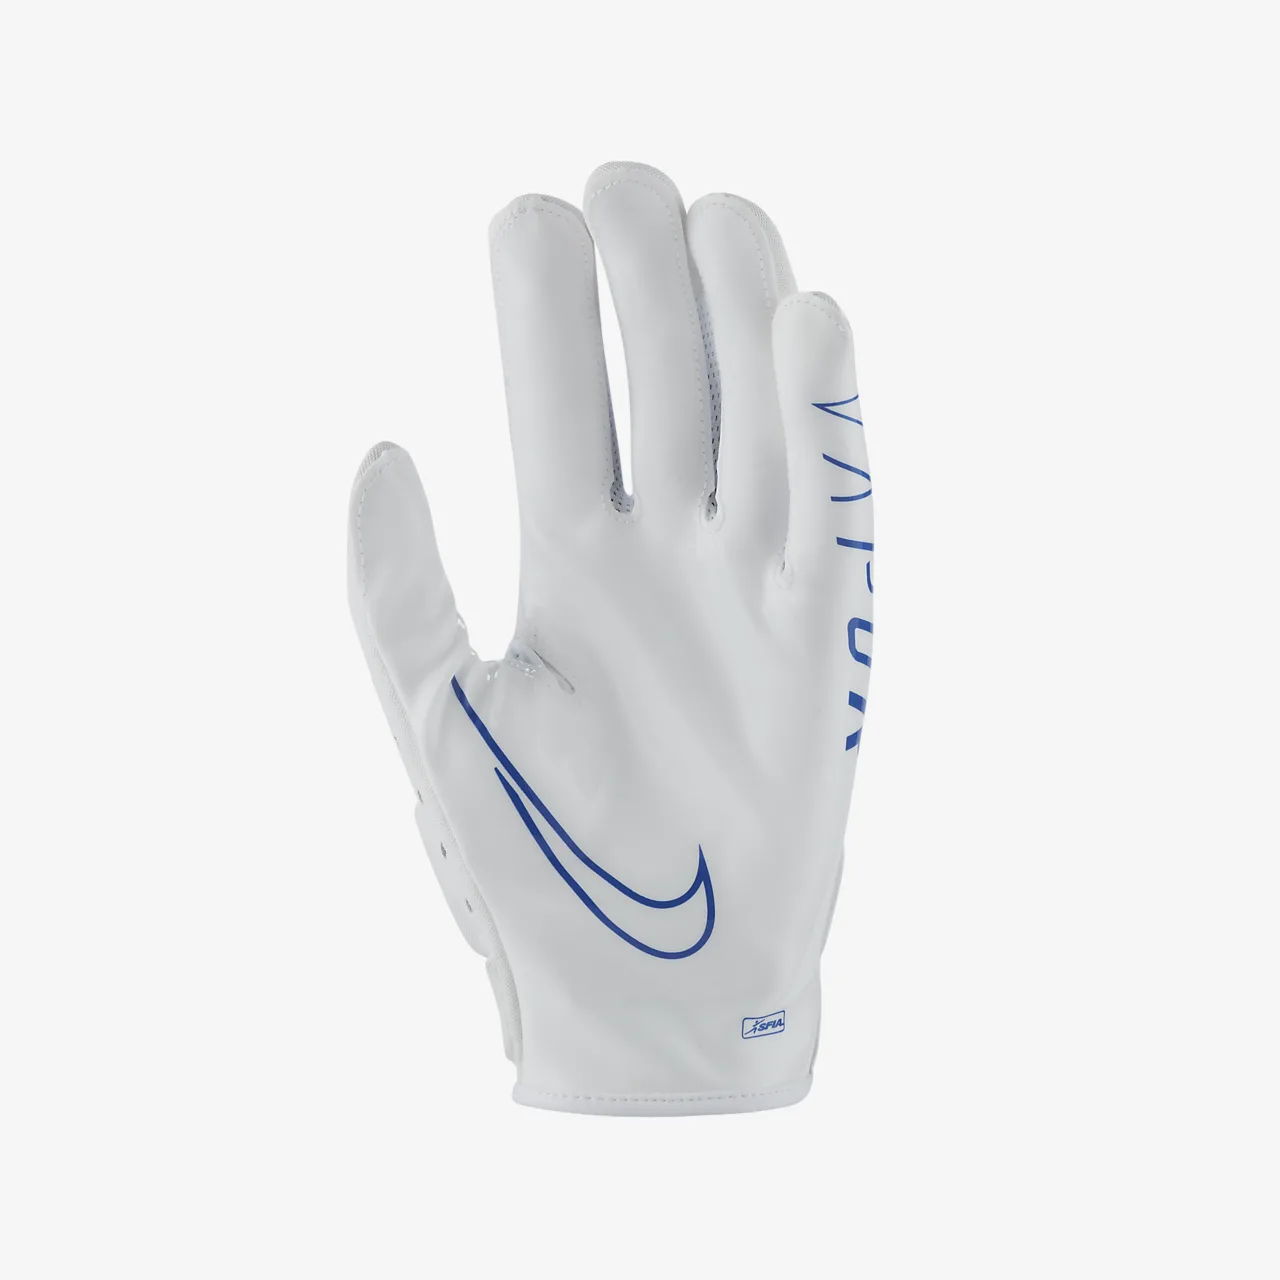 Nike Vapor Jet 6.0 Football Gloves N1000605-156